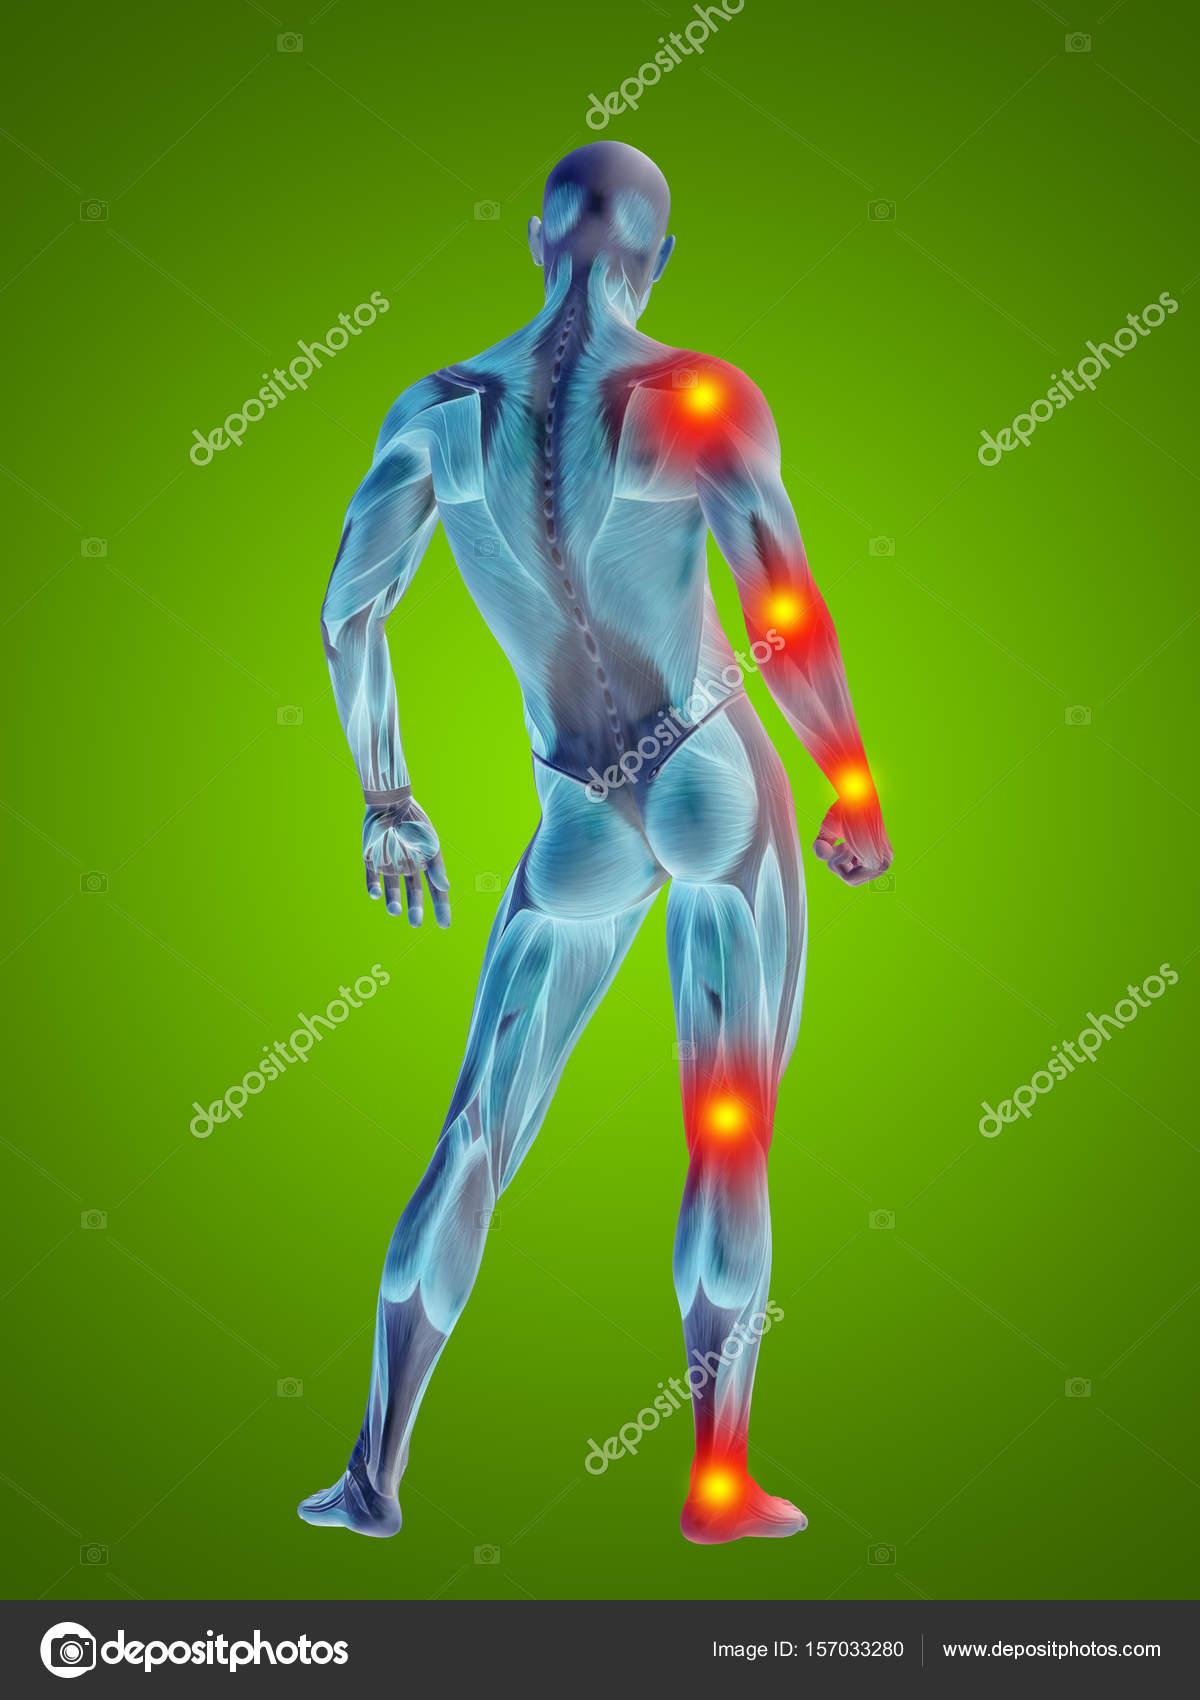 menschliche Anatomie Körper mit Gelenk Schmerzen — Stockfoto ...